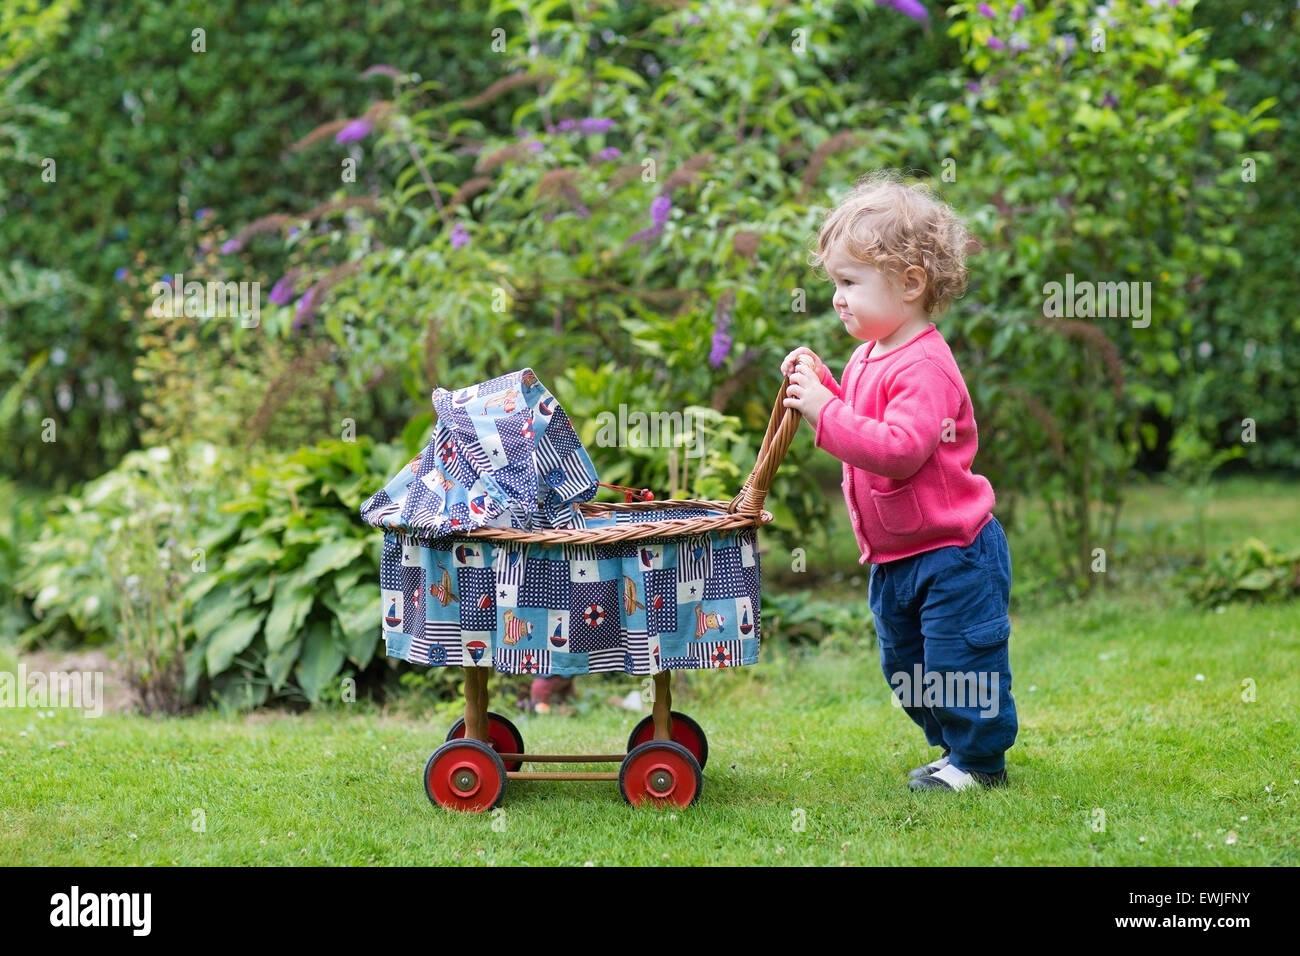 lustige lockiges babym dchen spielen mit einem vintage puppe kinderwagen im garten stockfoto. Black Bedroom Furniture Sets. Home Design Ideas